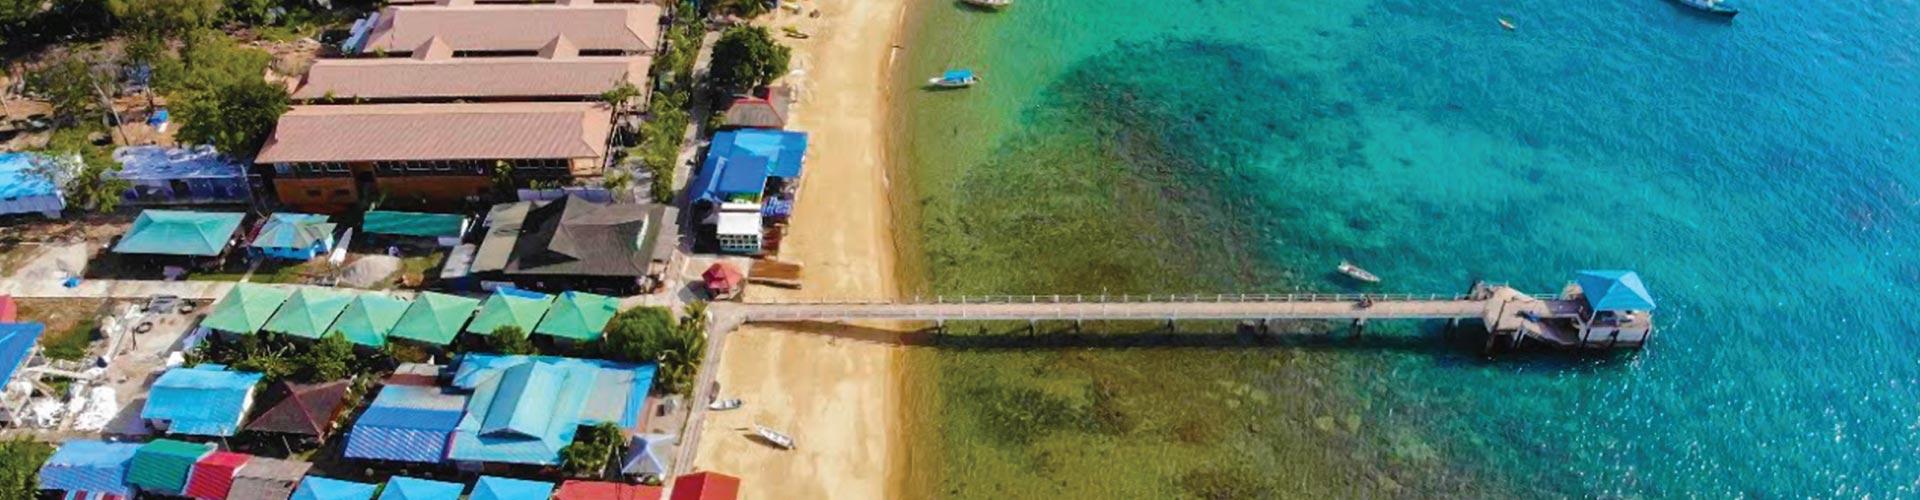 Tioman Island Diving Package @ Aman Tioman Beach Resort